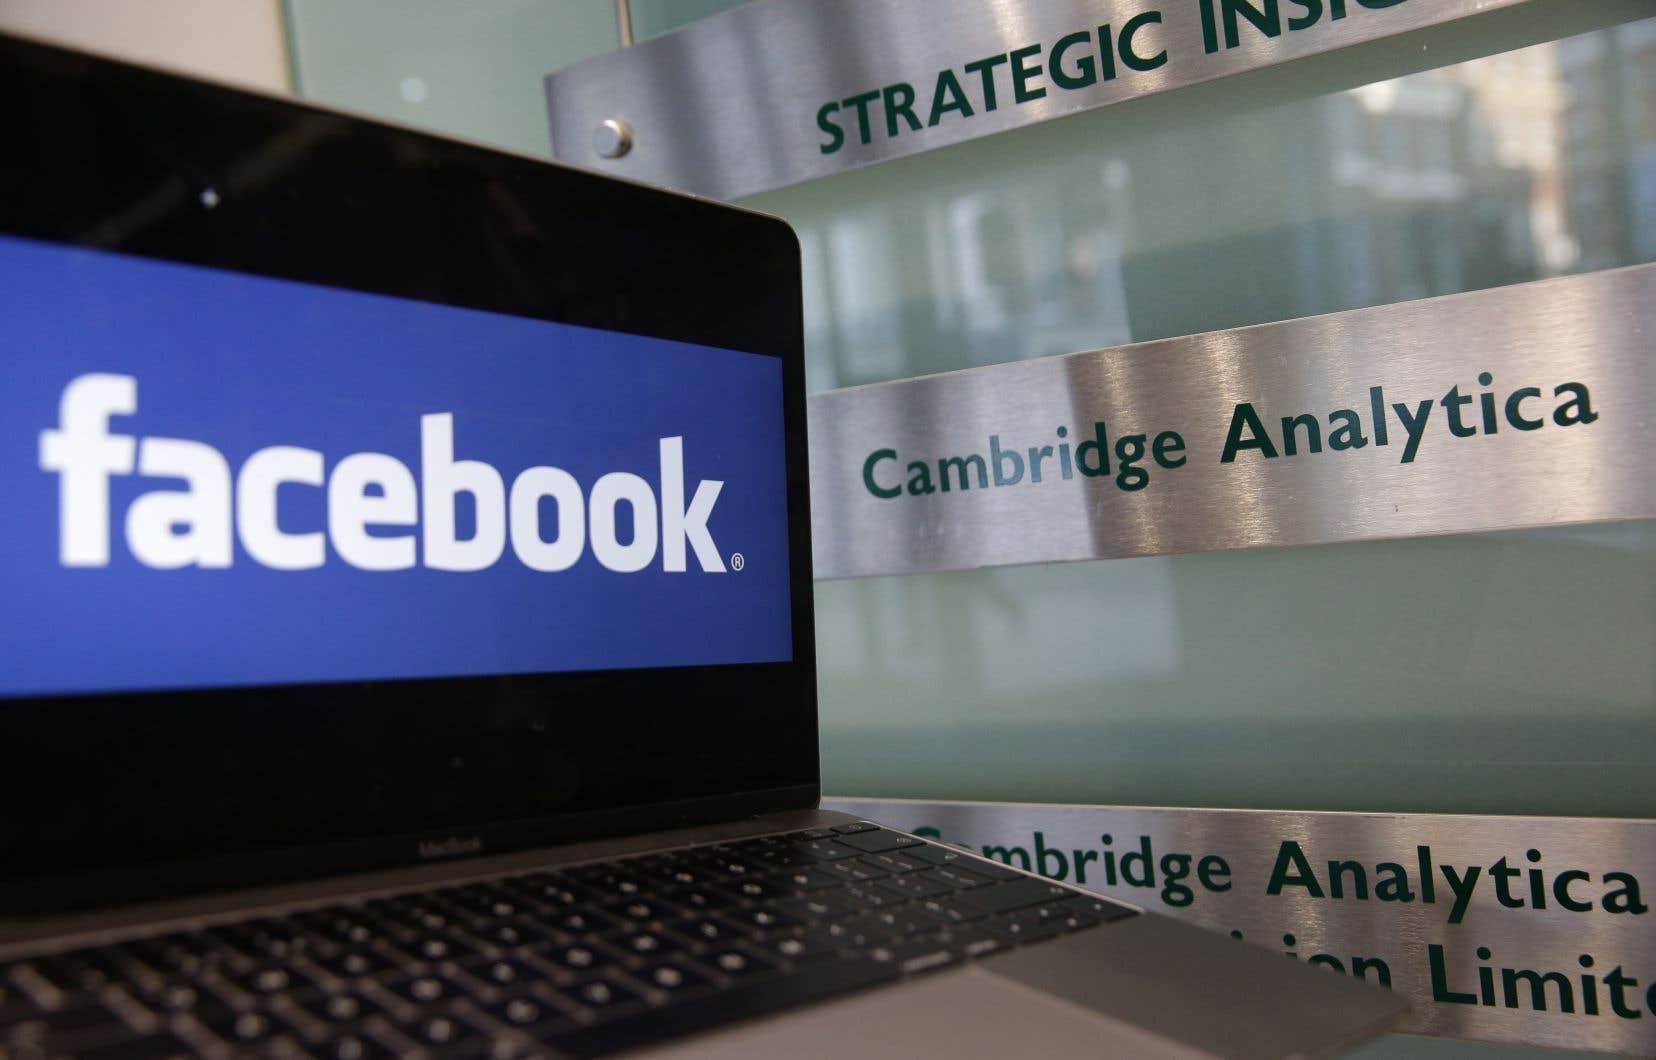 Cambridge Analytica est accusée d'avoir collecté et exploité sans leur consentement les données personnelles de près de 90millions d'utilisateurs de Facebook à des fins politiques.